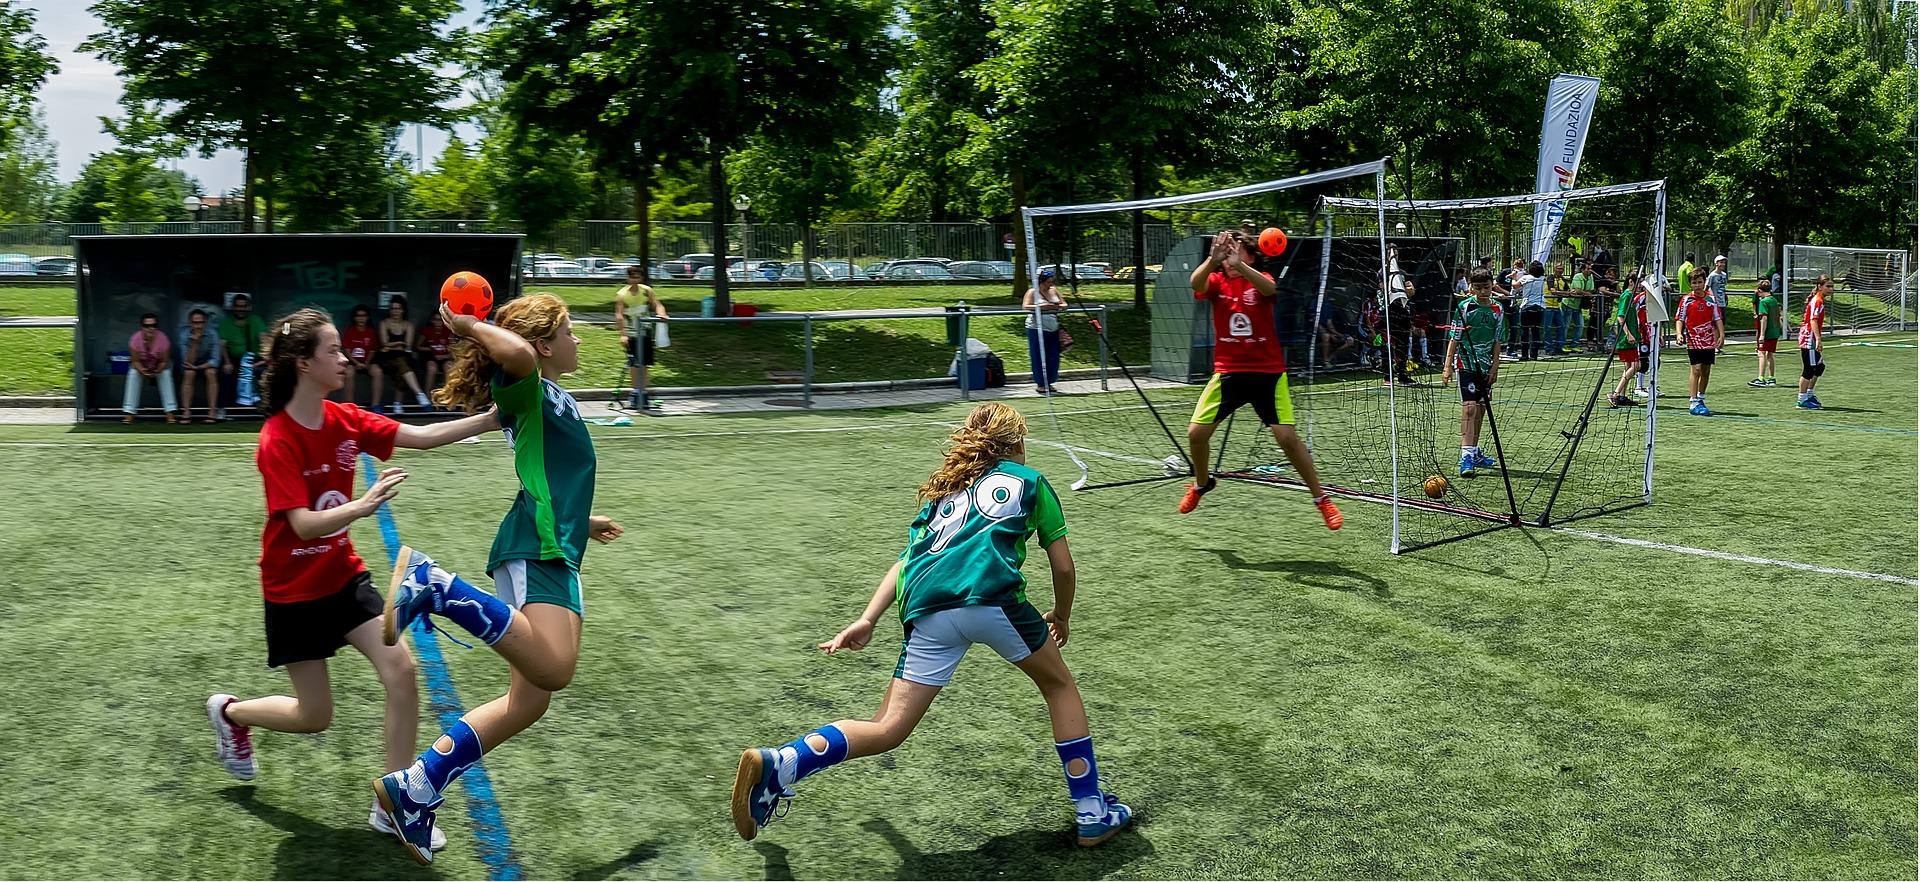 Tjejer spelar handboll på en gräsplan.